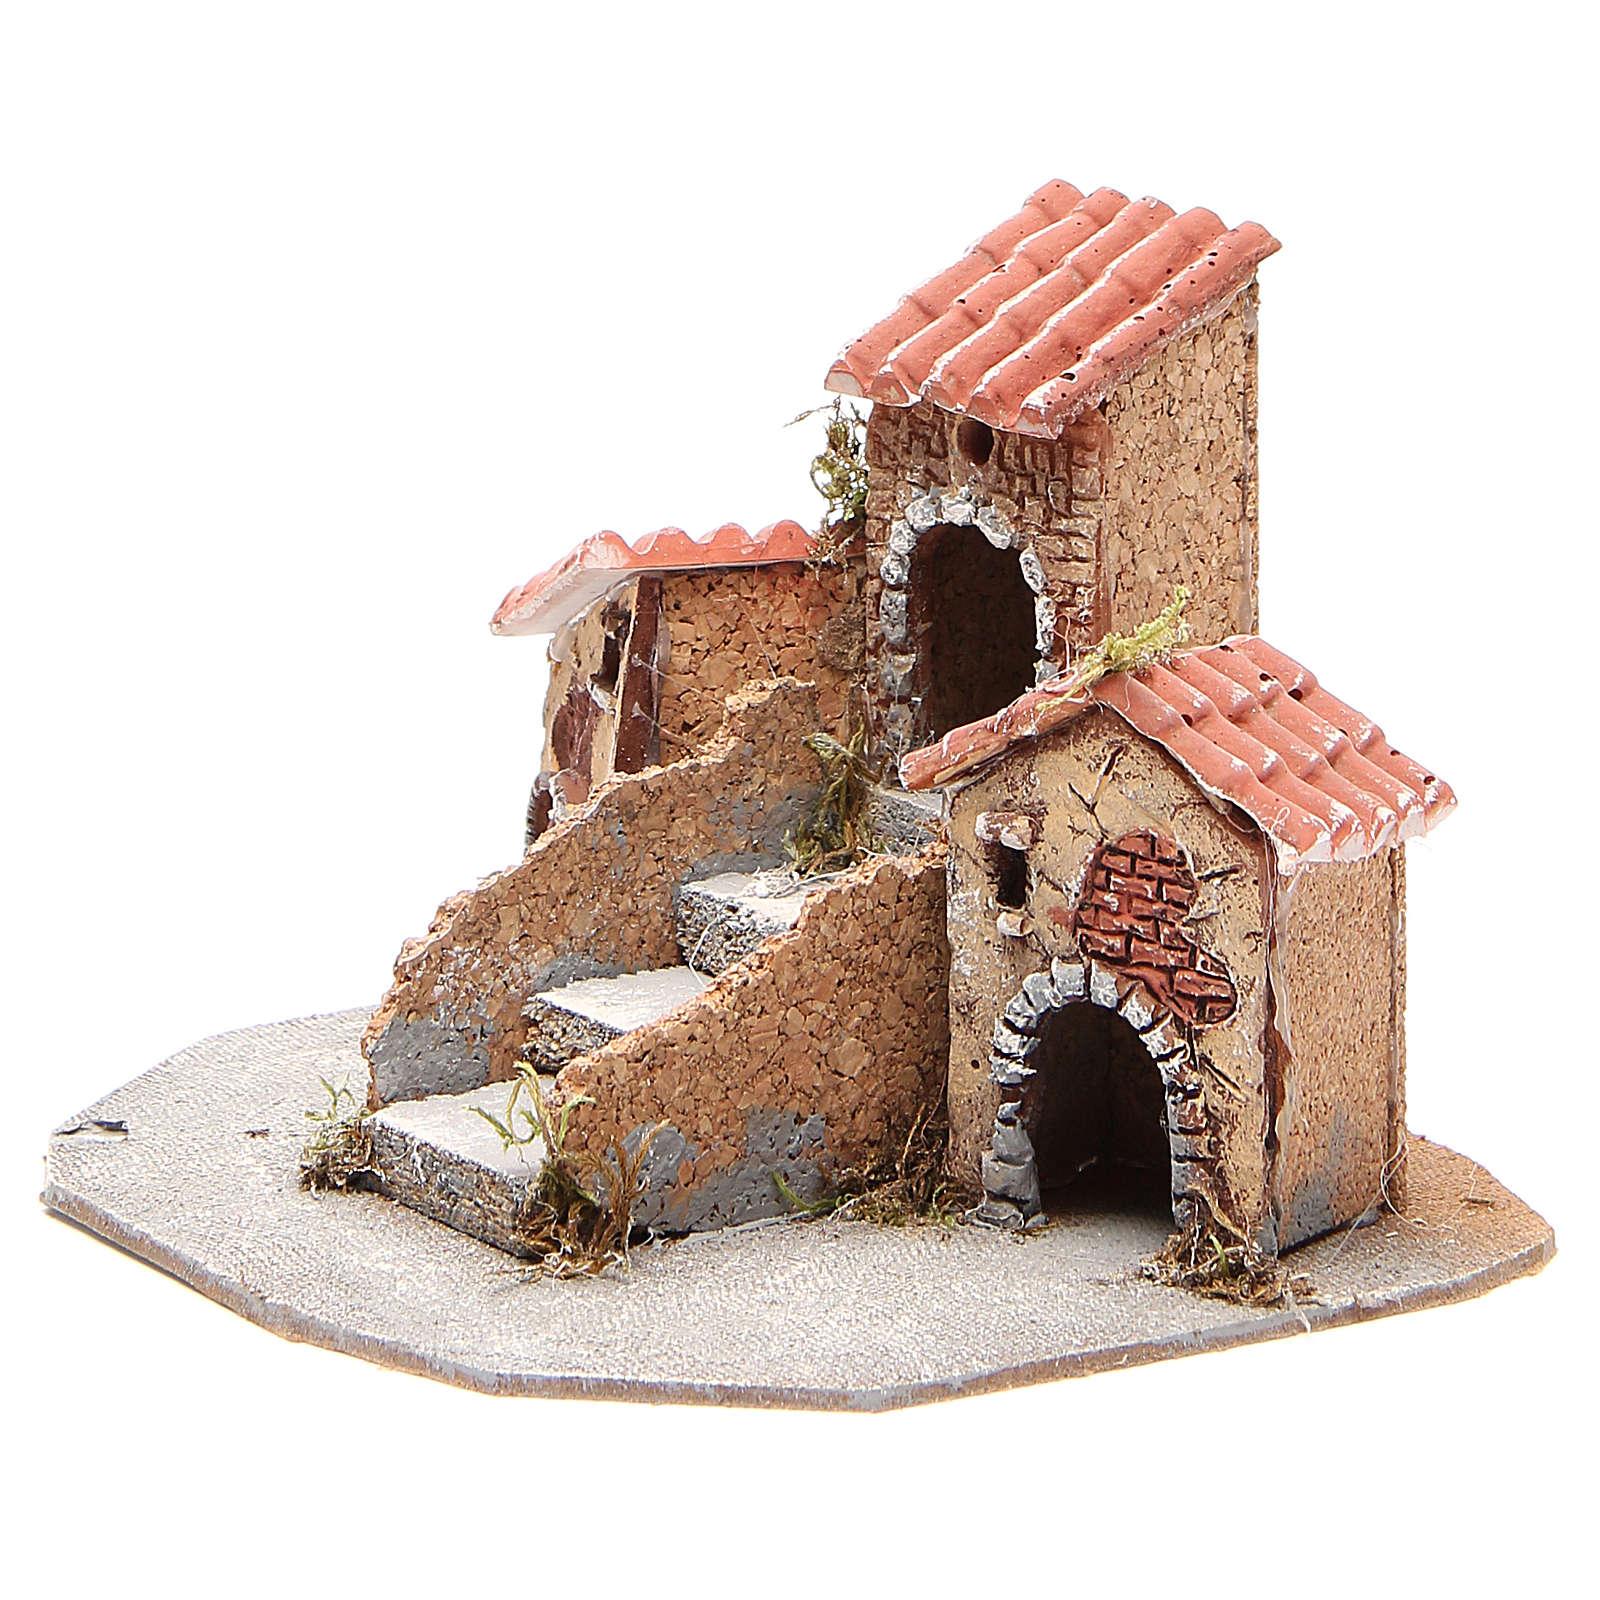 Composition maisons crèche napolitaine 17x24x20 cm 4